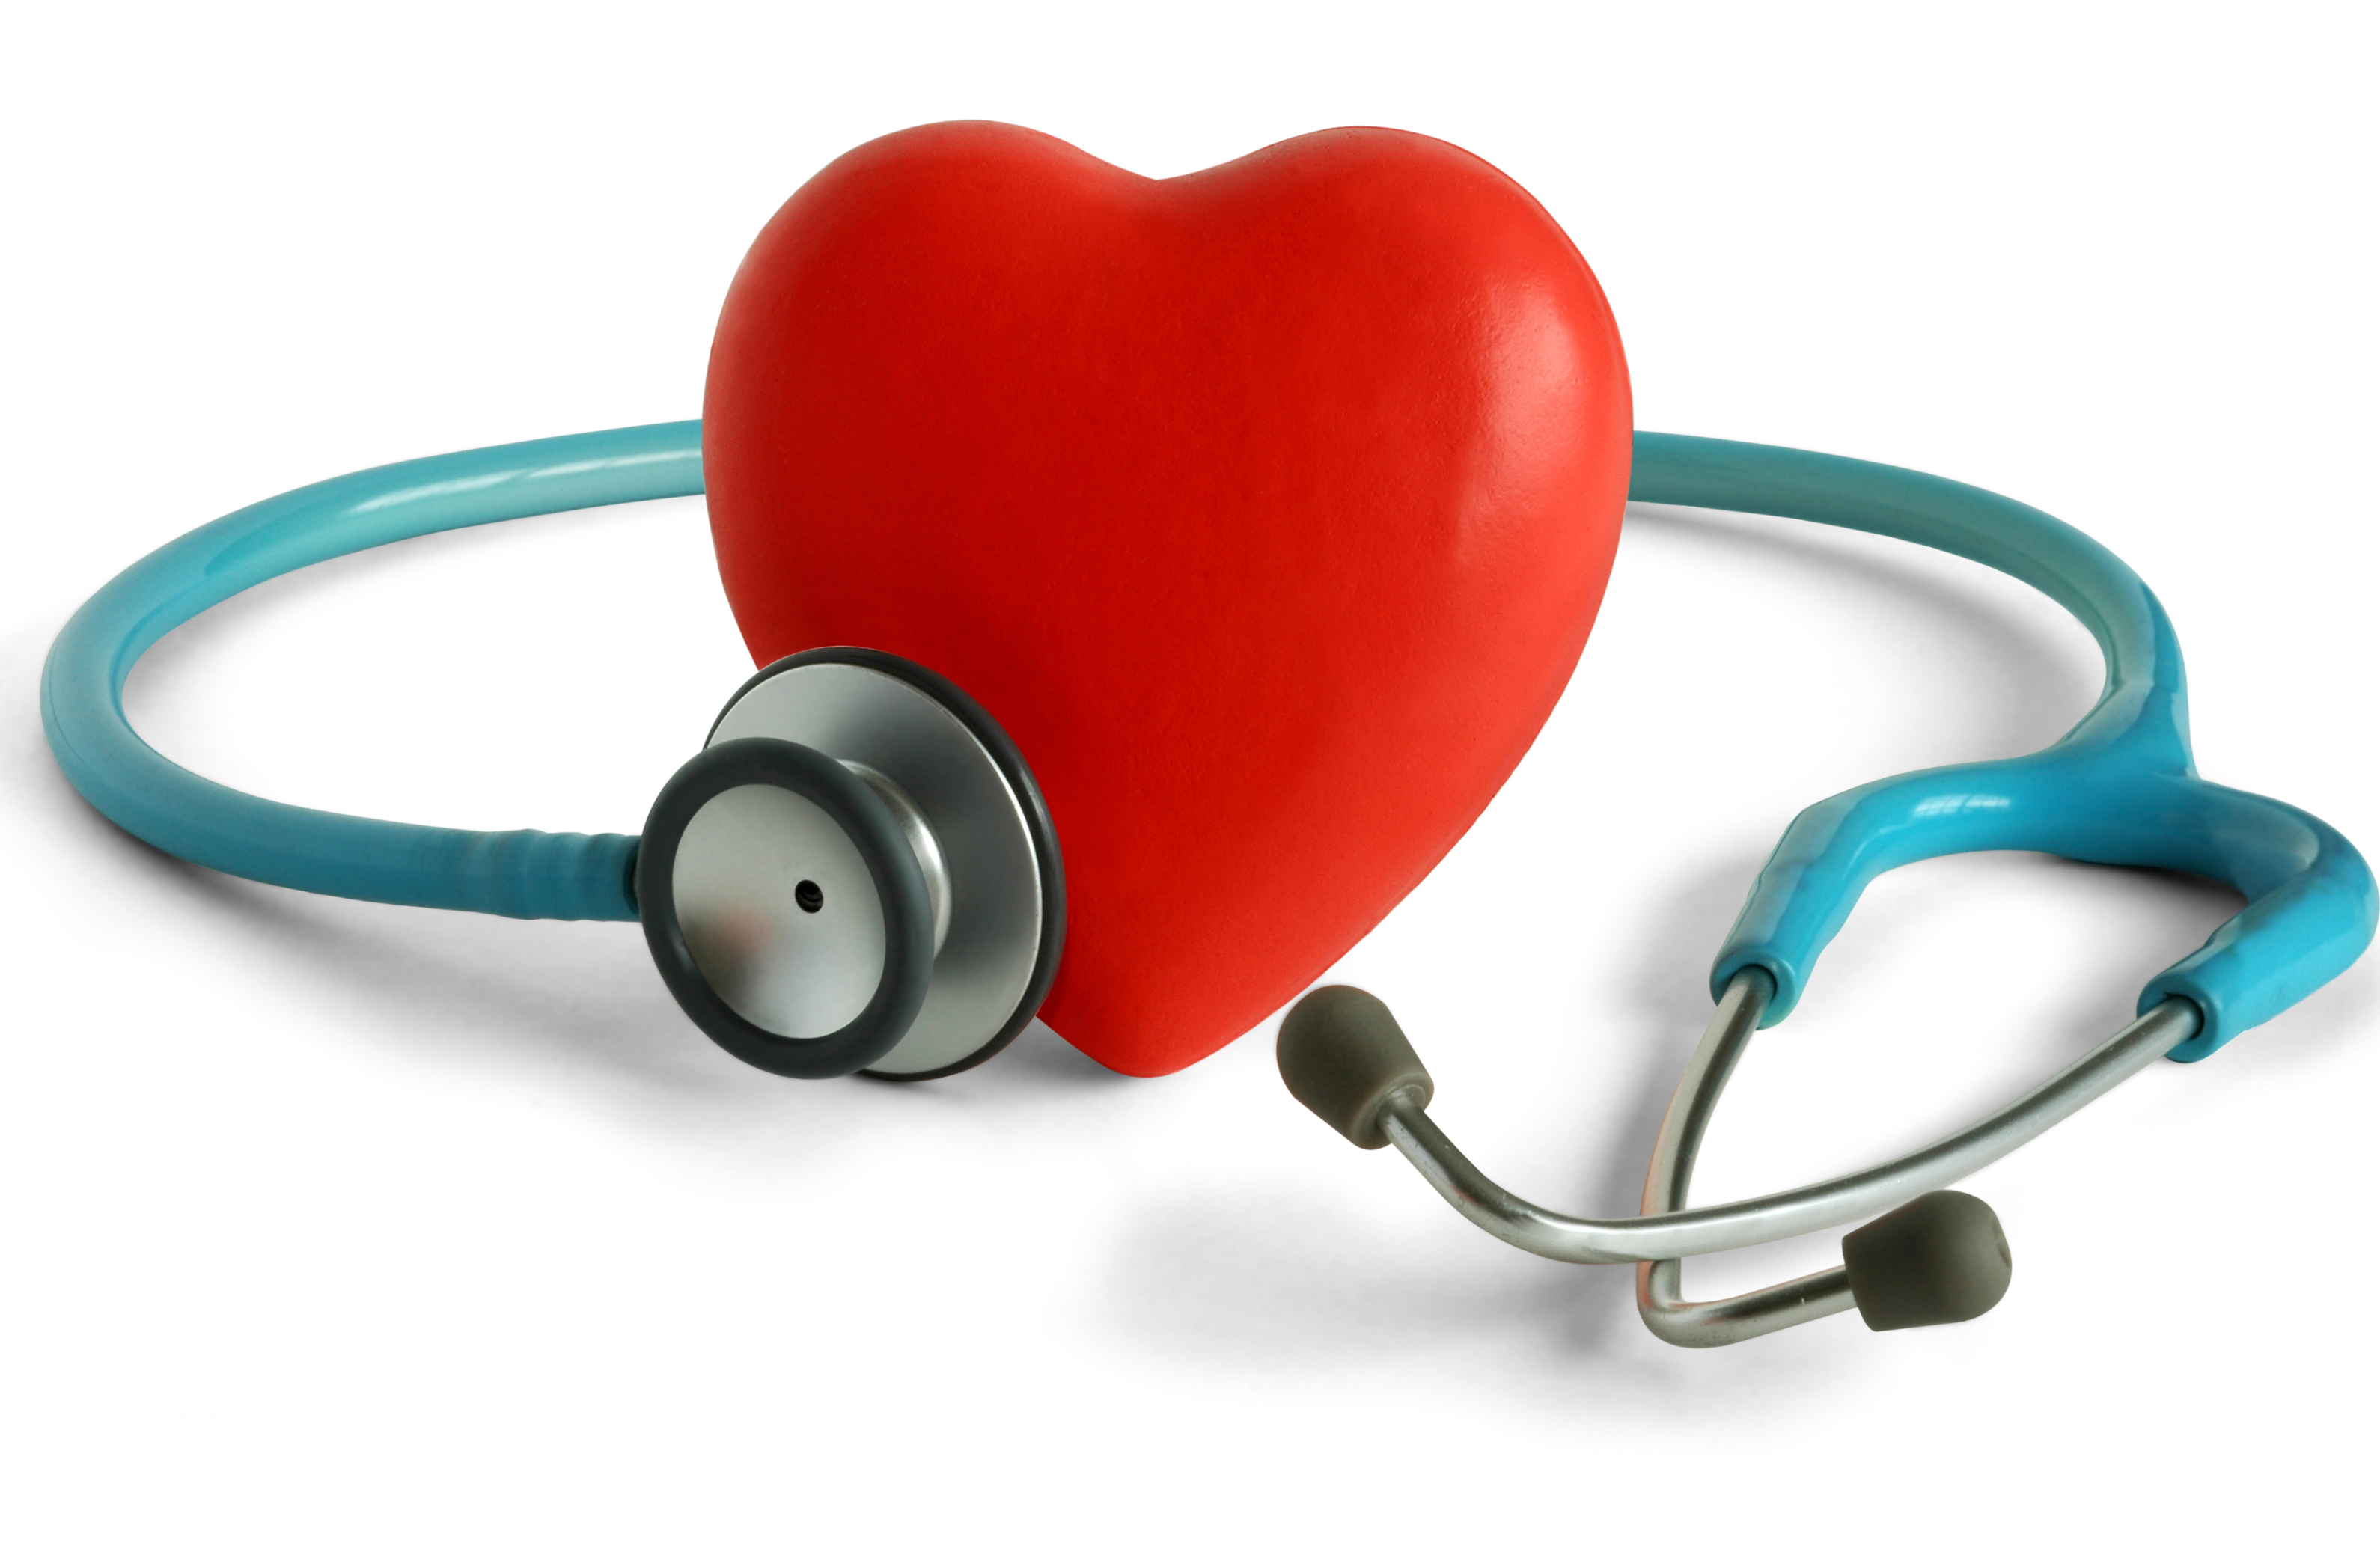 30 metų moters širdies sveikata aktyvūs taškai žmogaus kūne su hipertenzija